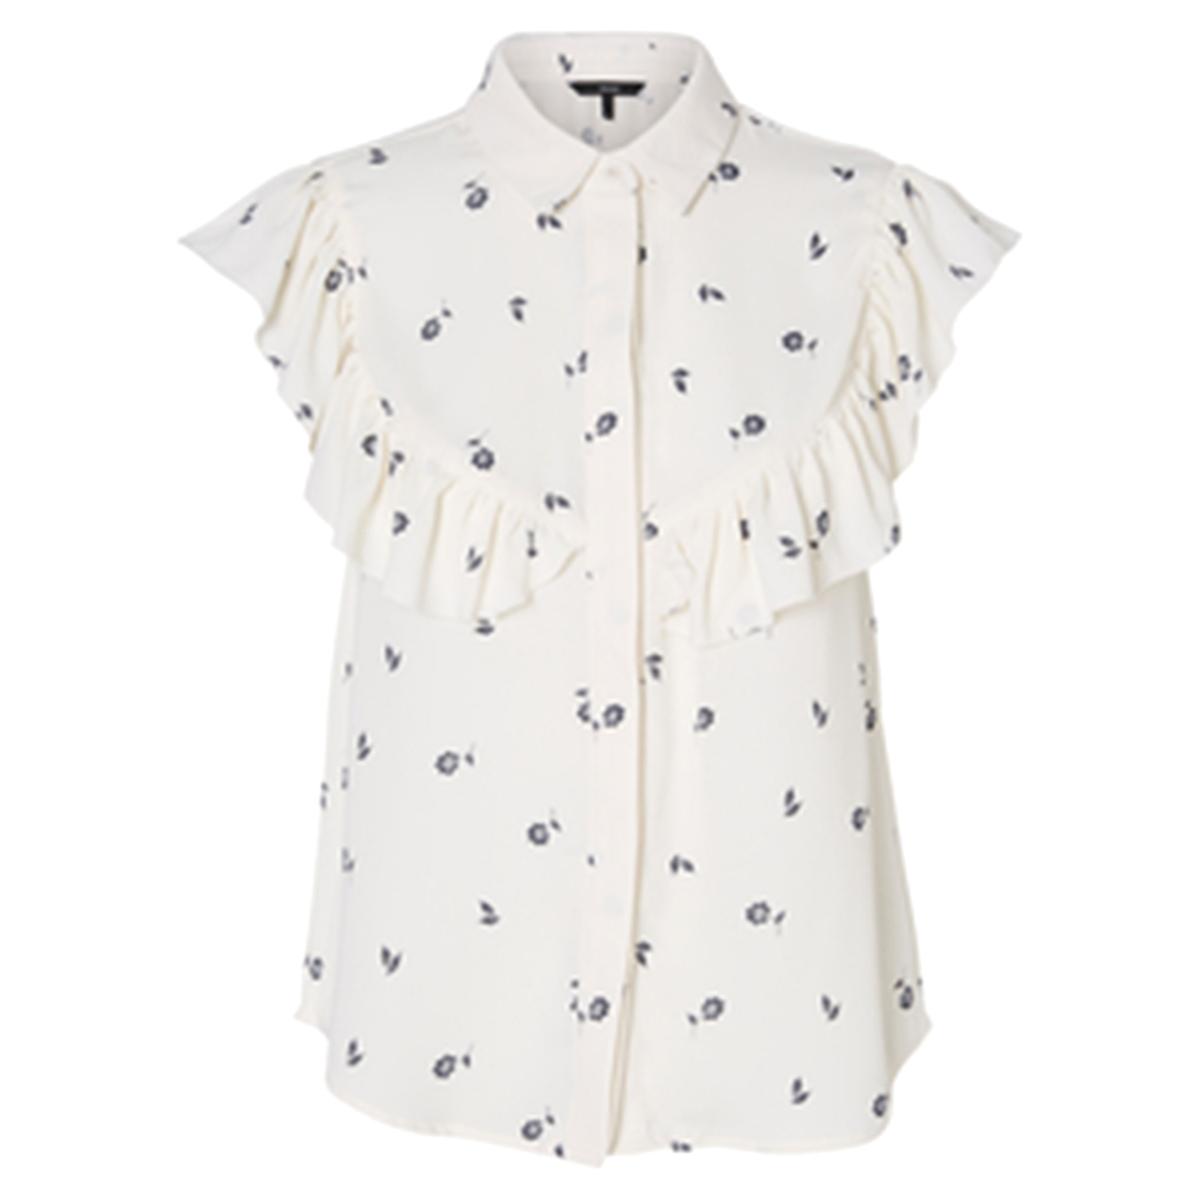 Блузка без рукавов с рисунком и воланами блузка с рисунком и накладными воланами